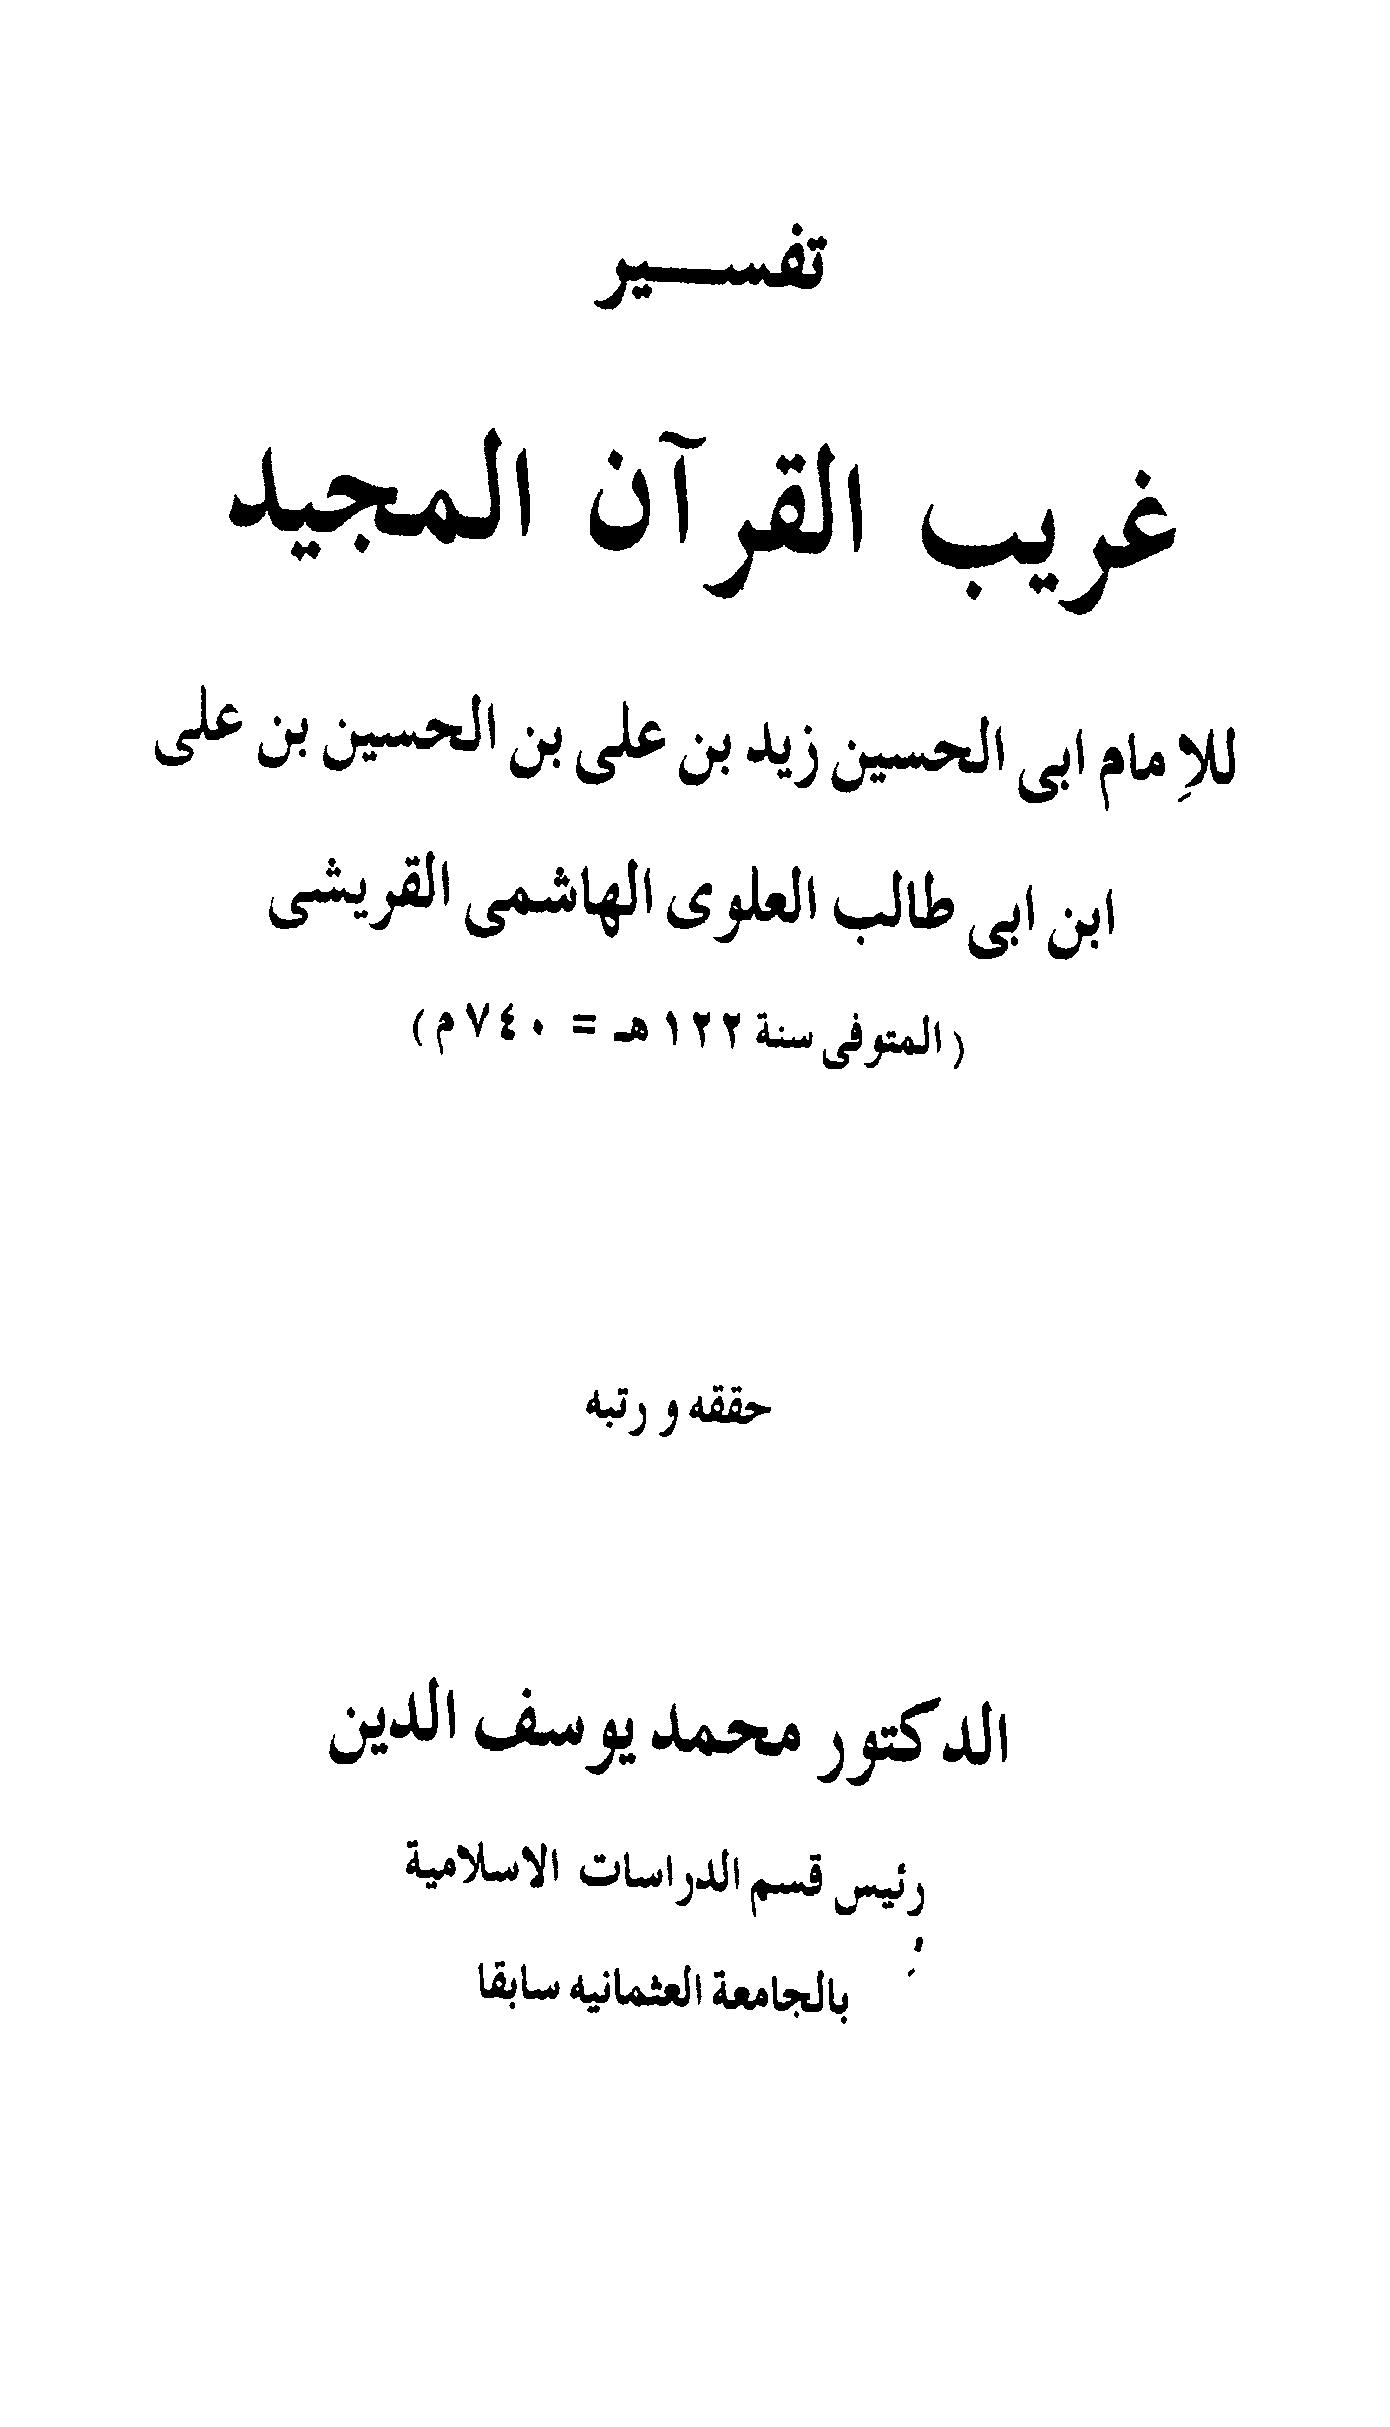 تحميل كتاب تفسير غريب القرآن المجيد لـِ: الإمام أبو الحسين زيد بن علي بن الحسين بن علي بن أبي طالب الهاشمي القرشي (ت 122)